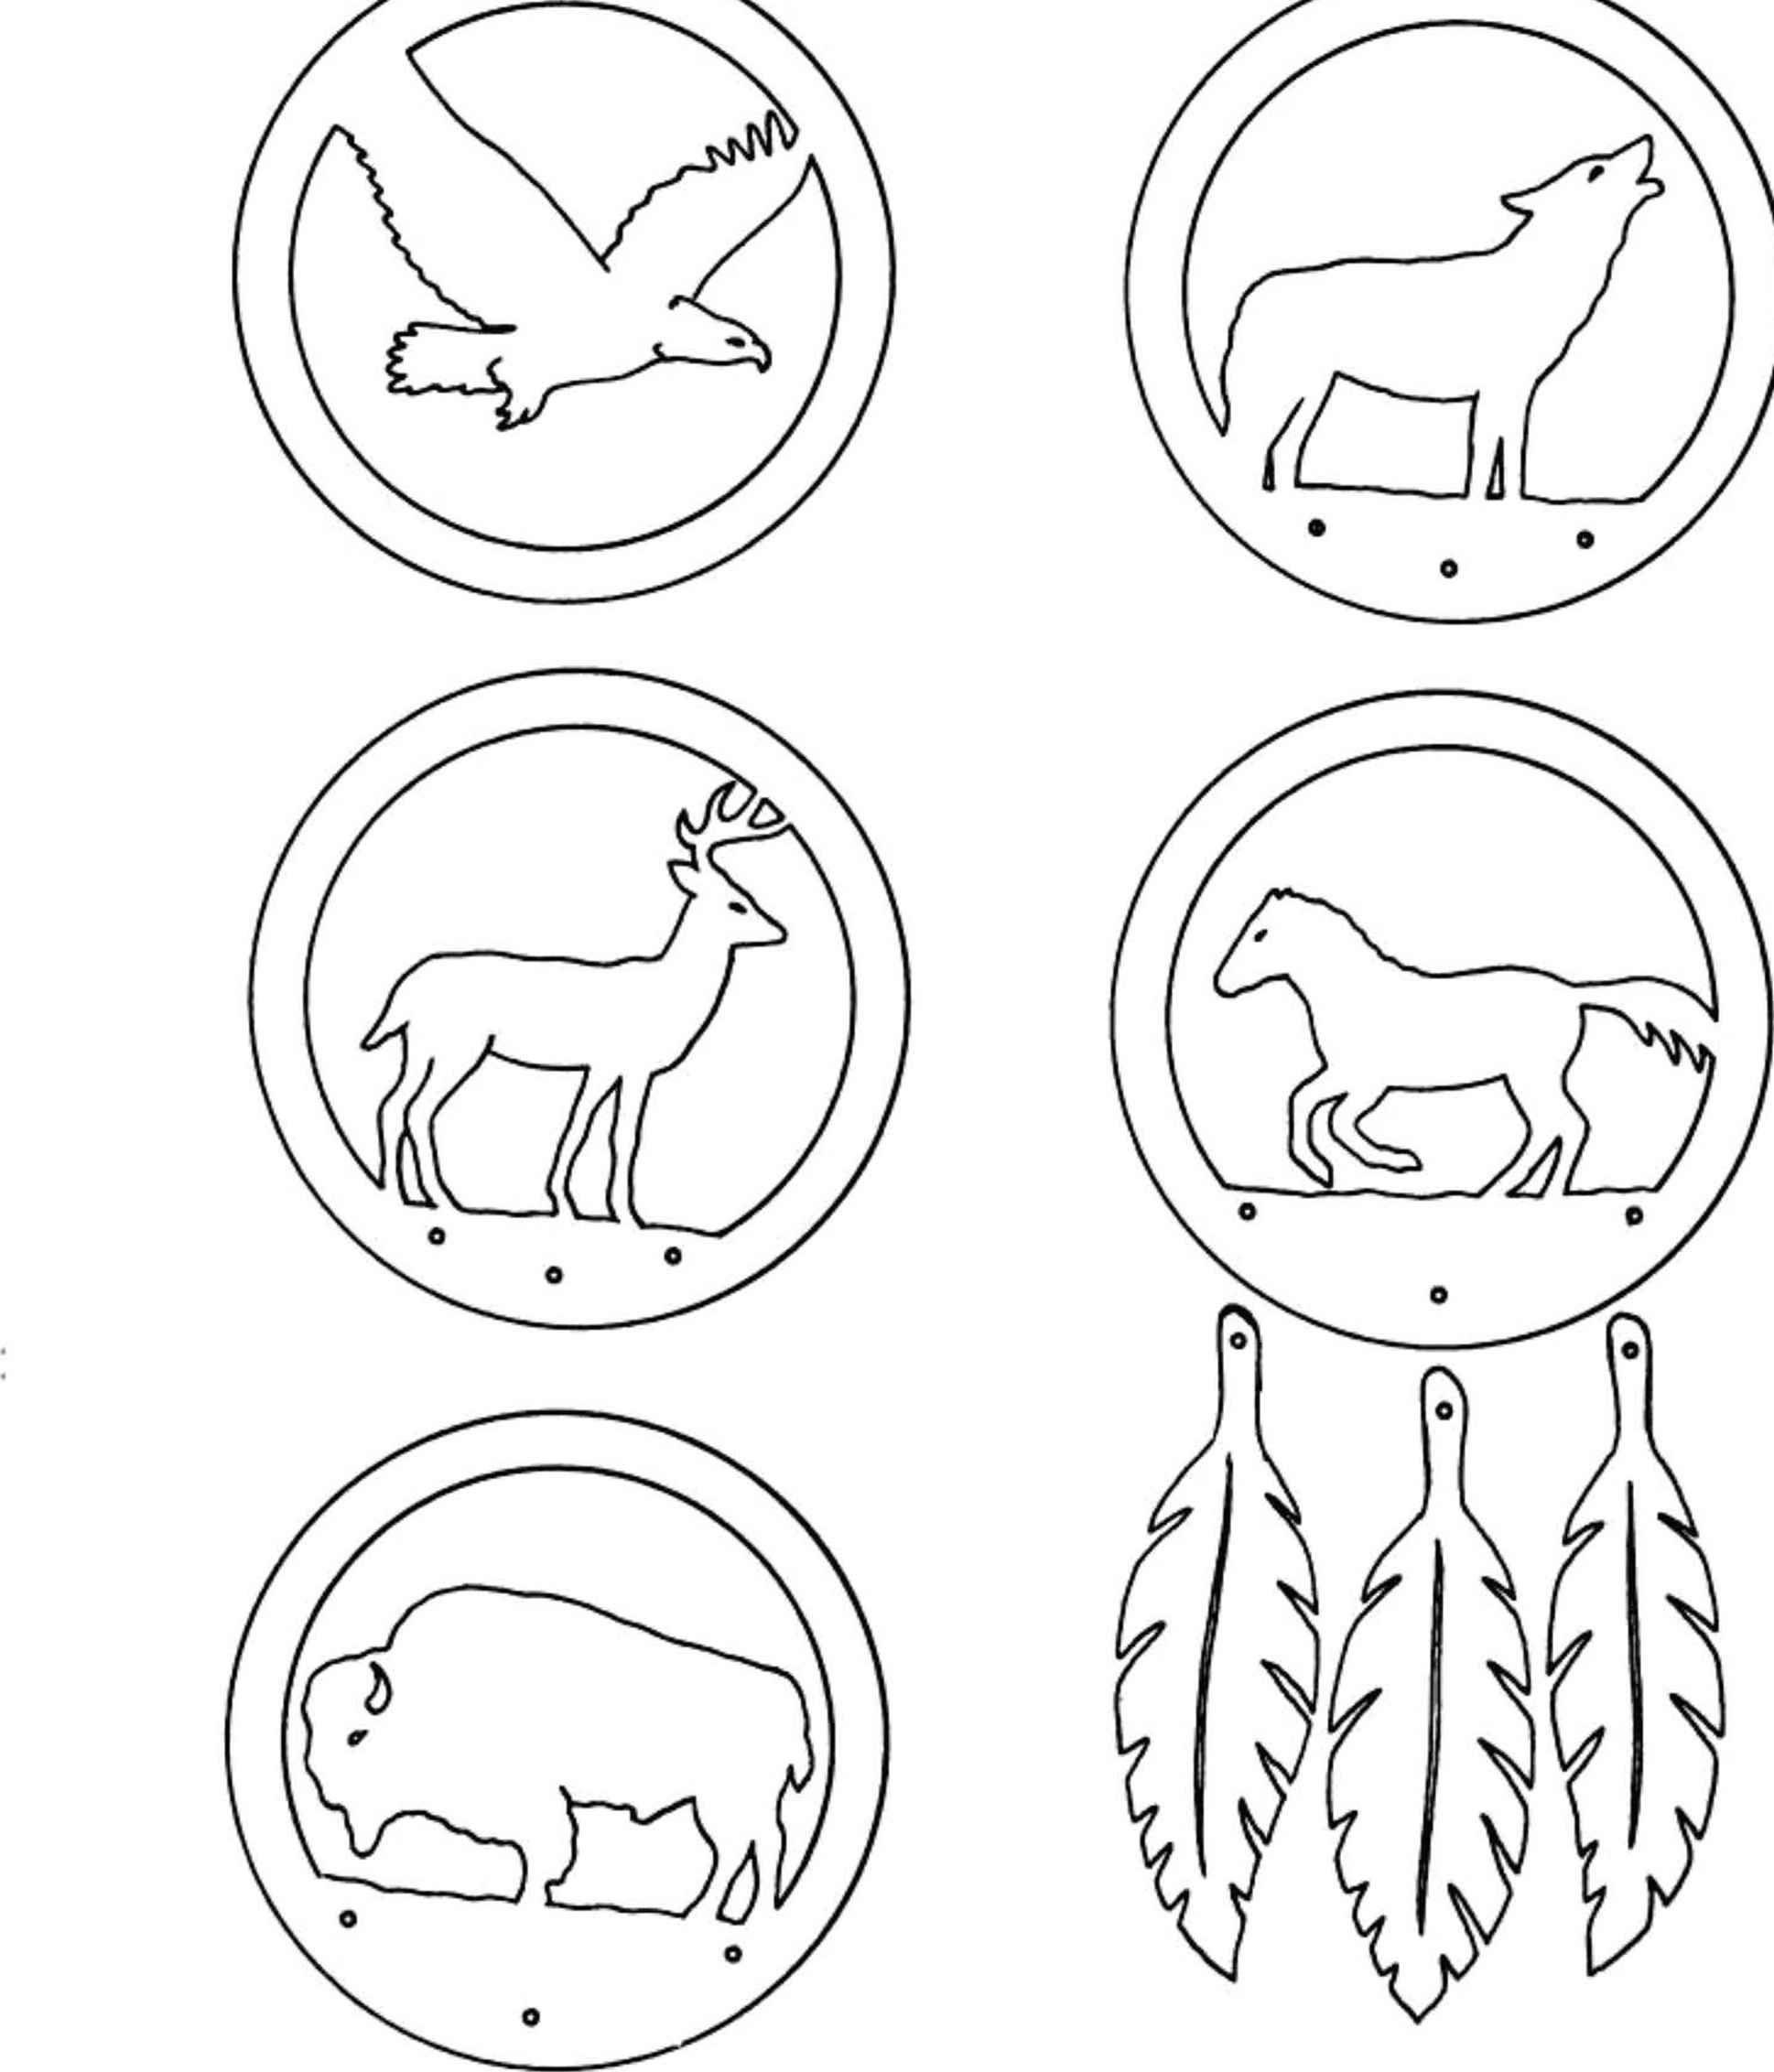 Scroll Saw Projects | Scroll Saw Patterns | Scroll Saw Patterns Free - Scroll Saw Patterns Free Printable